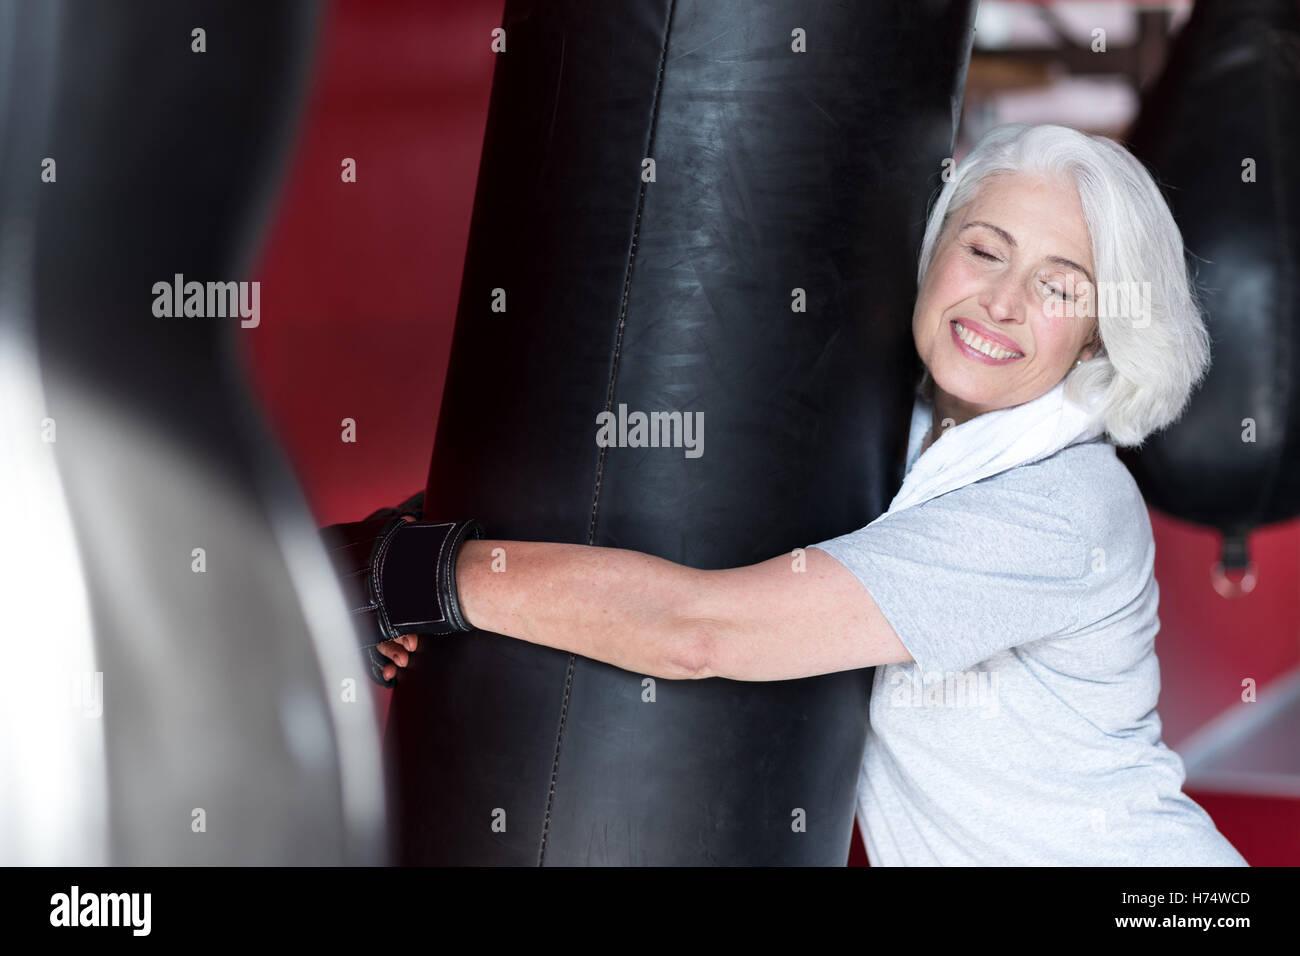 Emotional smiling senior woman hugging punching bag. - Stock Image